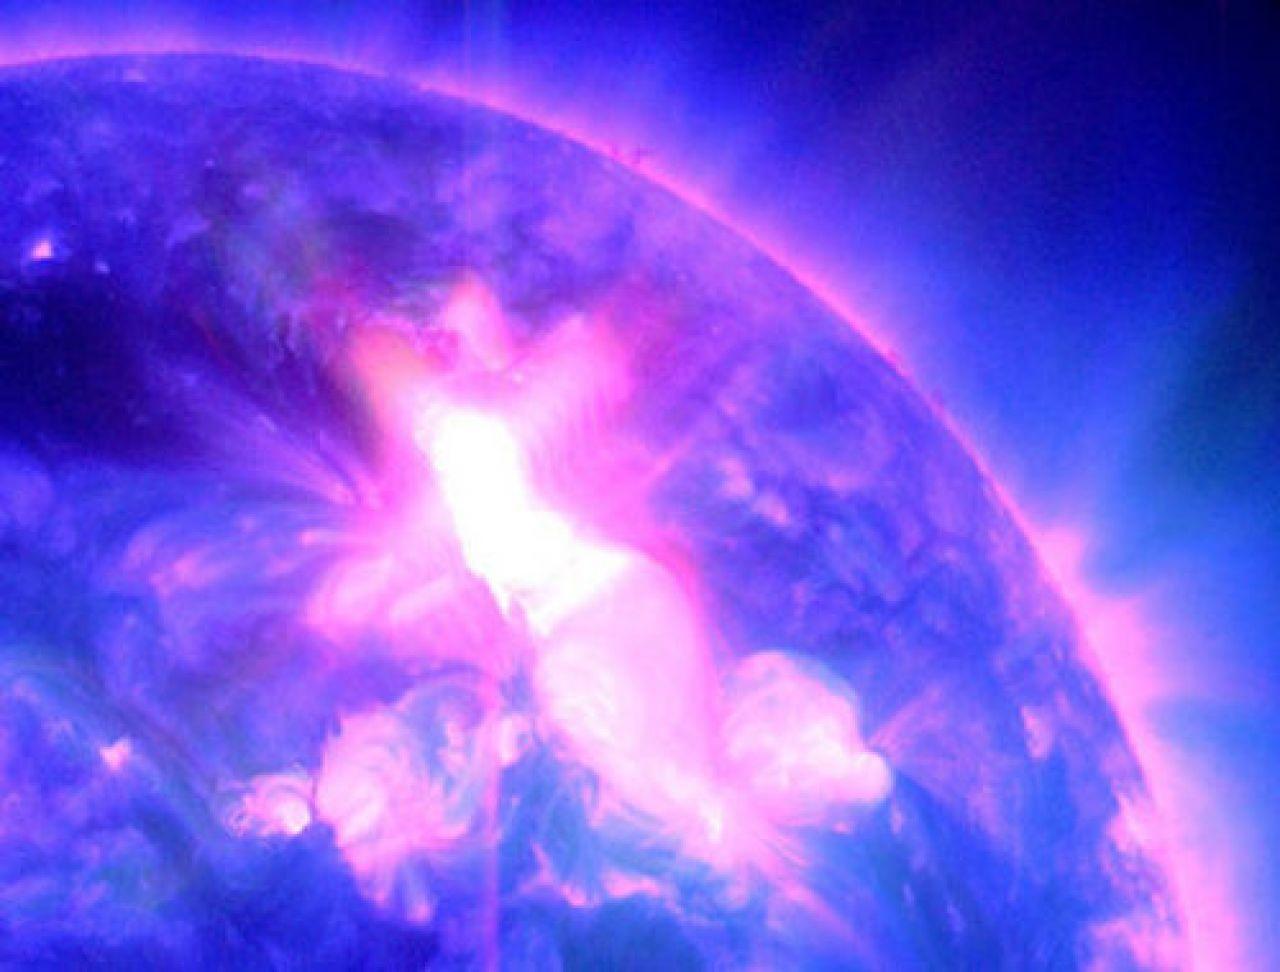 9ce9c985e4e8a1ca182688957be1639f_eruzione_solare